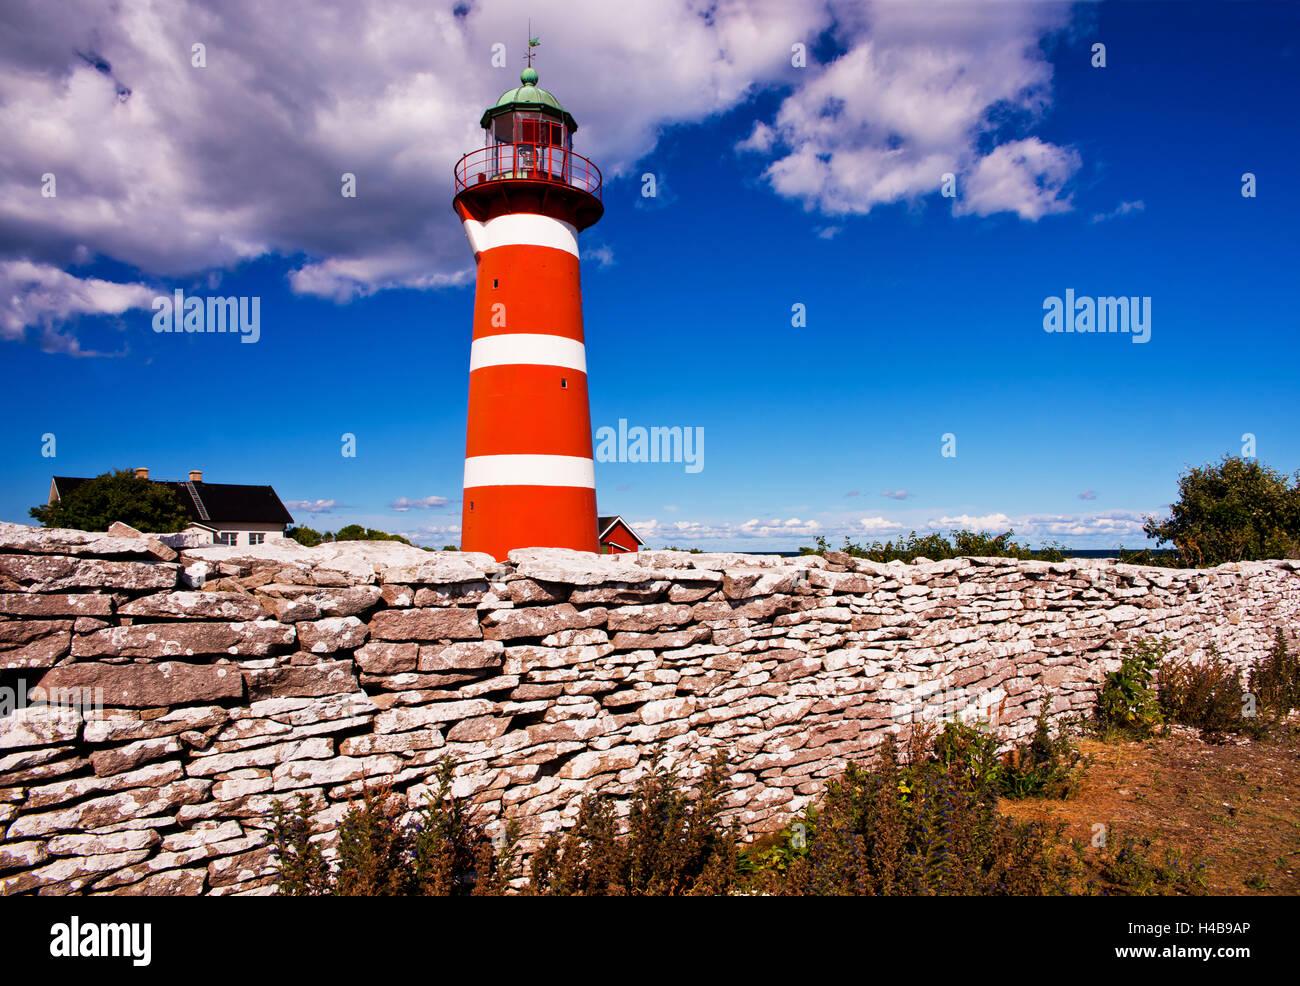 Faro sul promontorio Naersholmen, isola di Gotland, Svezia Immagini Stock